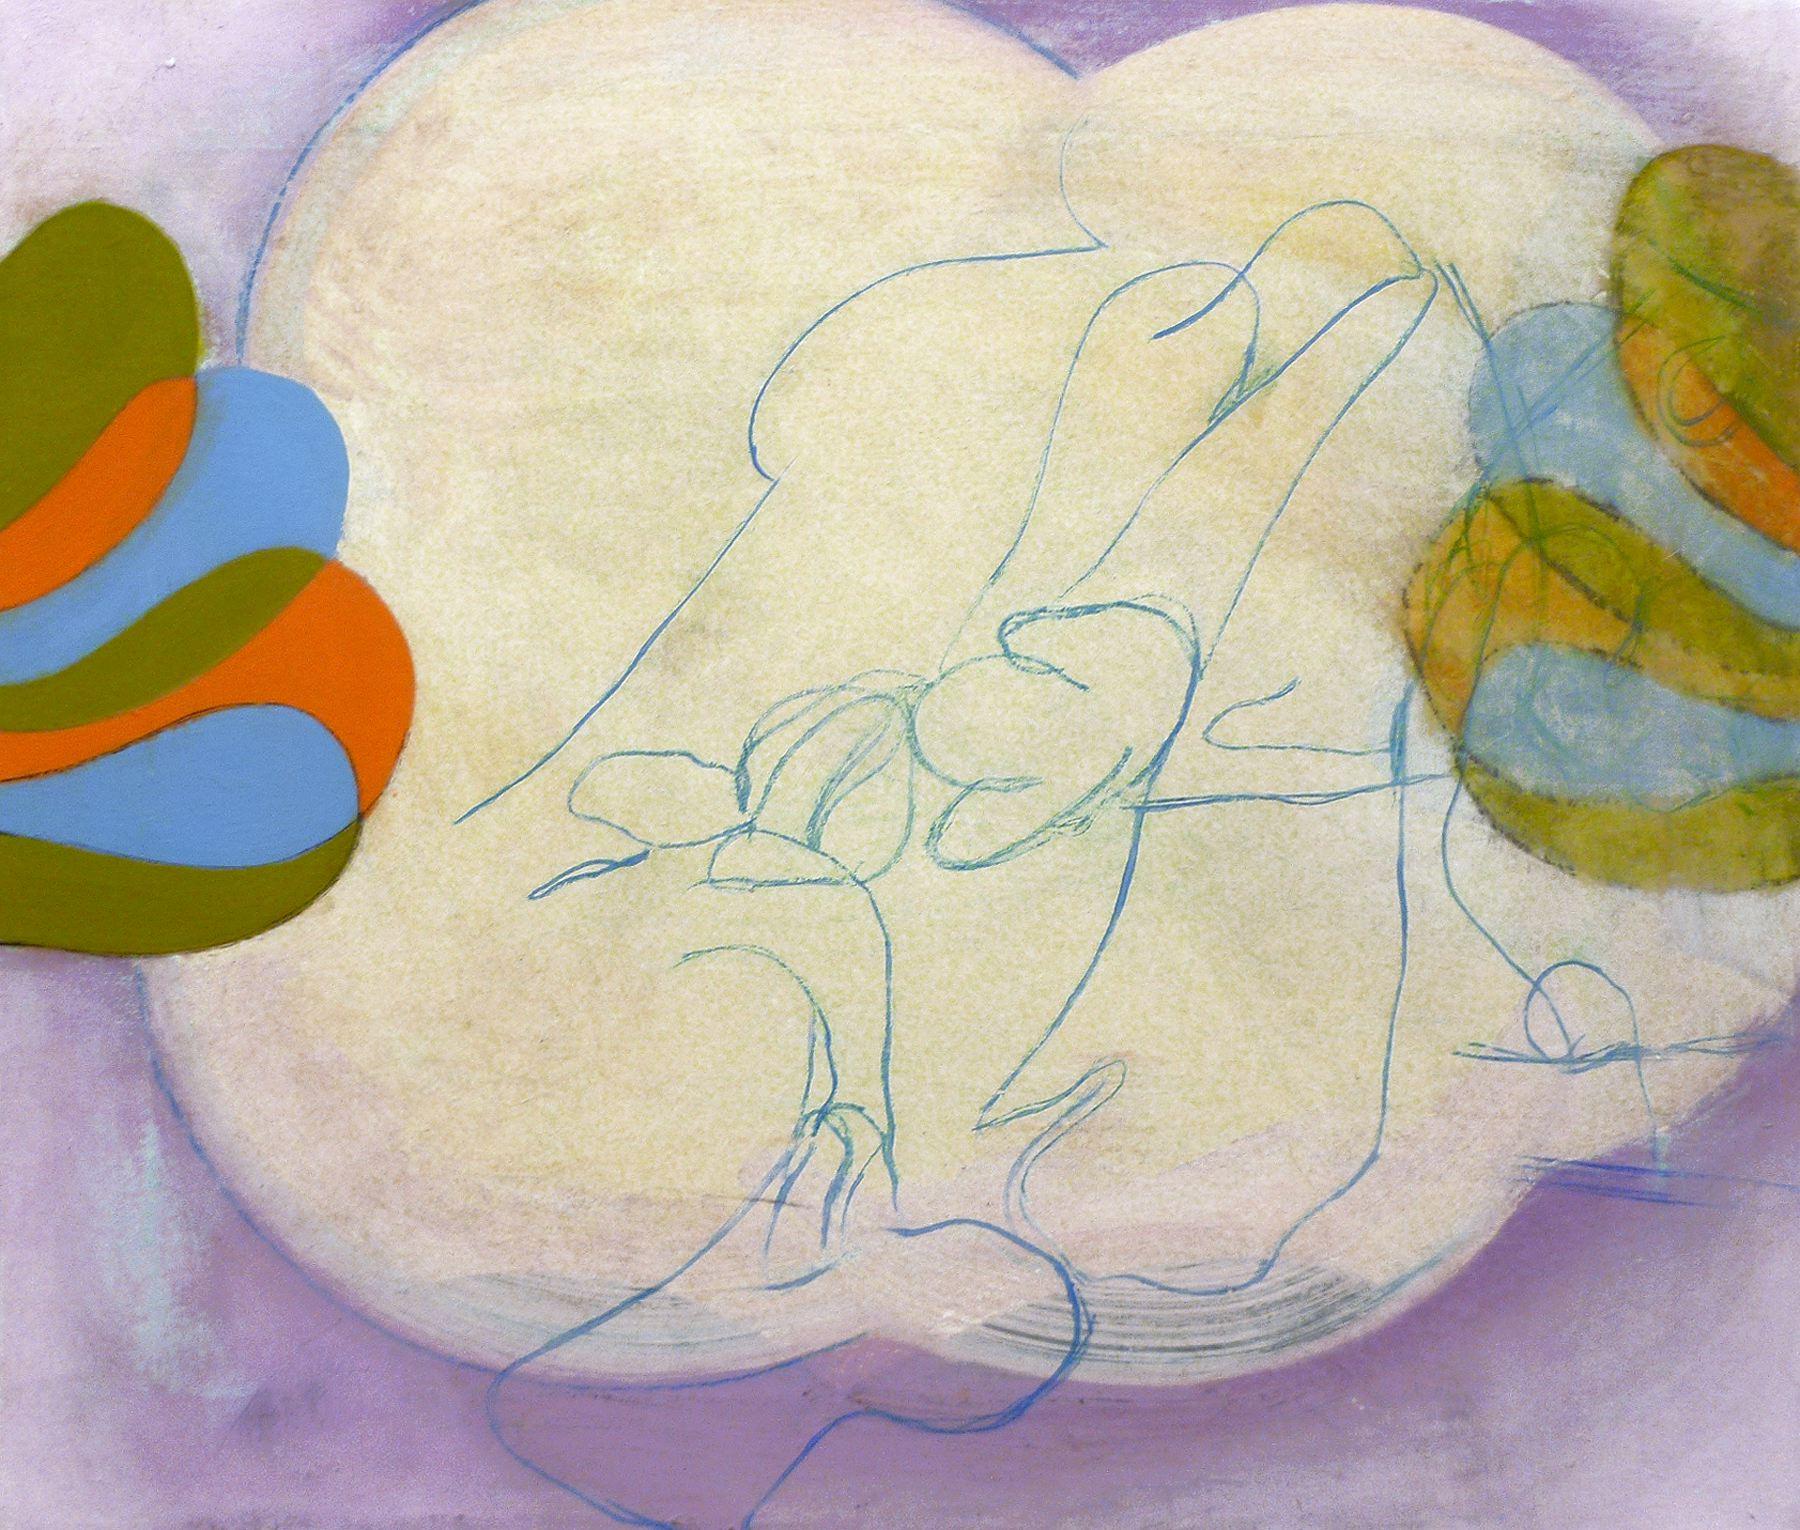 Bryan Osburn   Untitled , 2012 Oil on canvas 16 x 18 inches (40.6 x 45.7 cm)